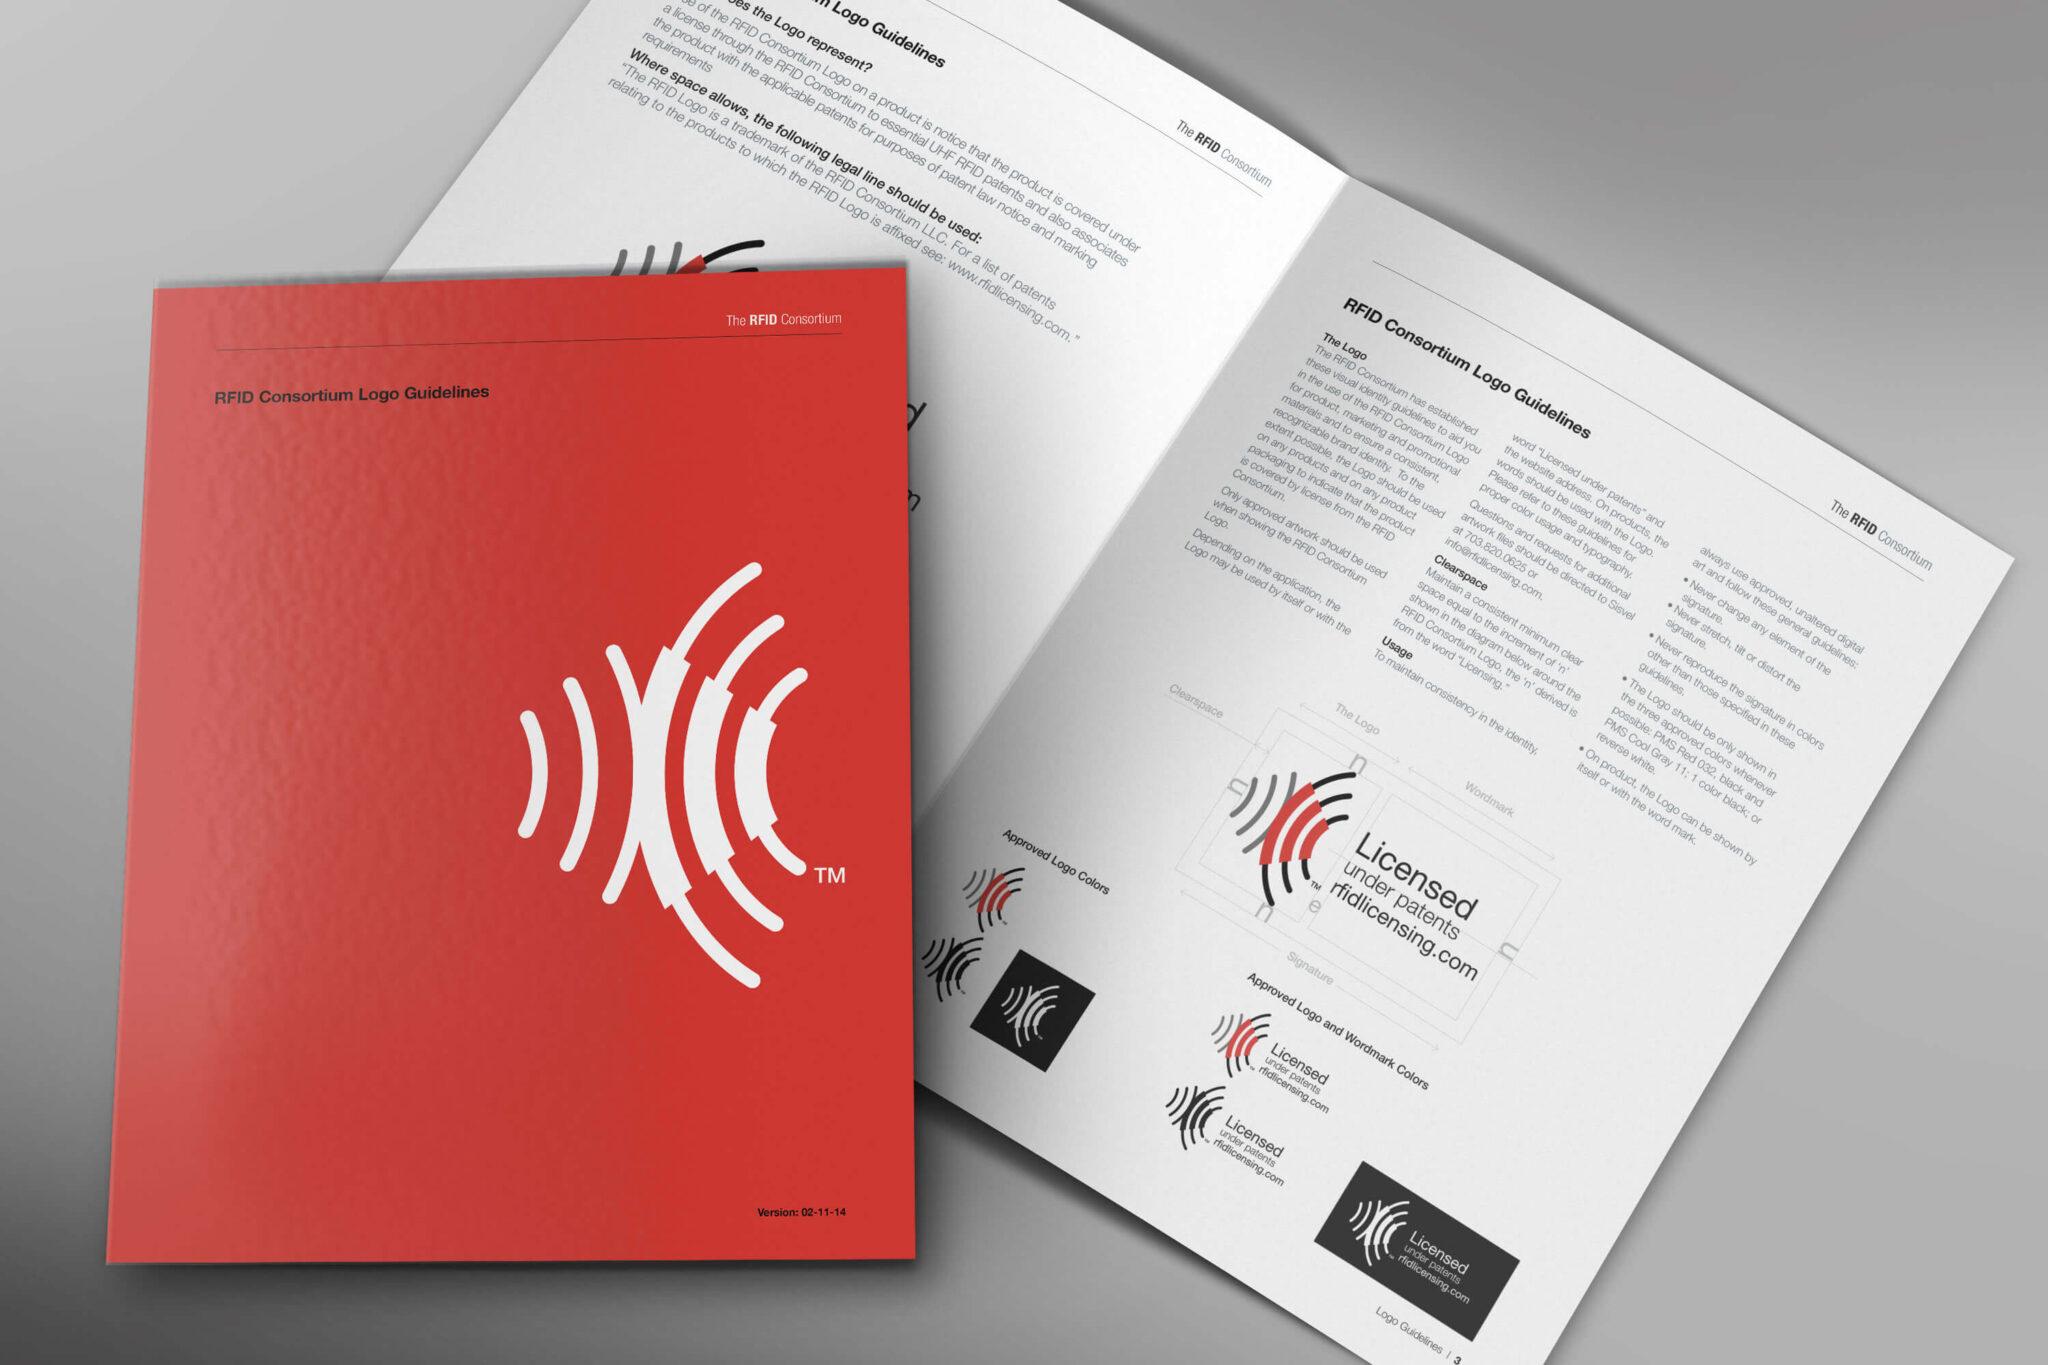 RFID Consortium Logo Guildelines